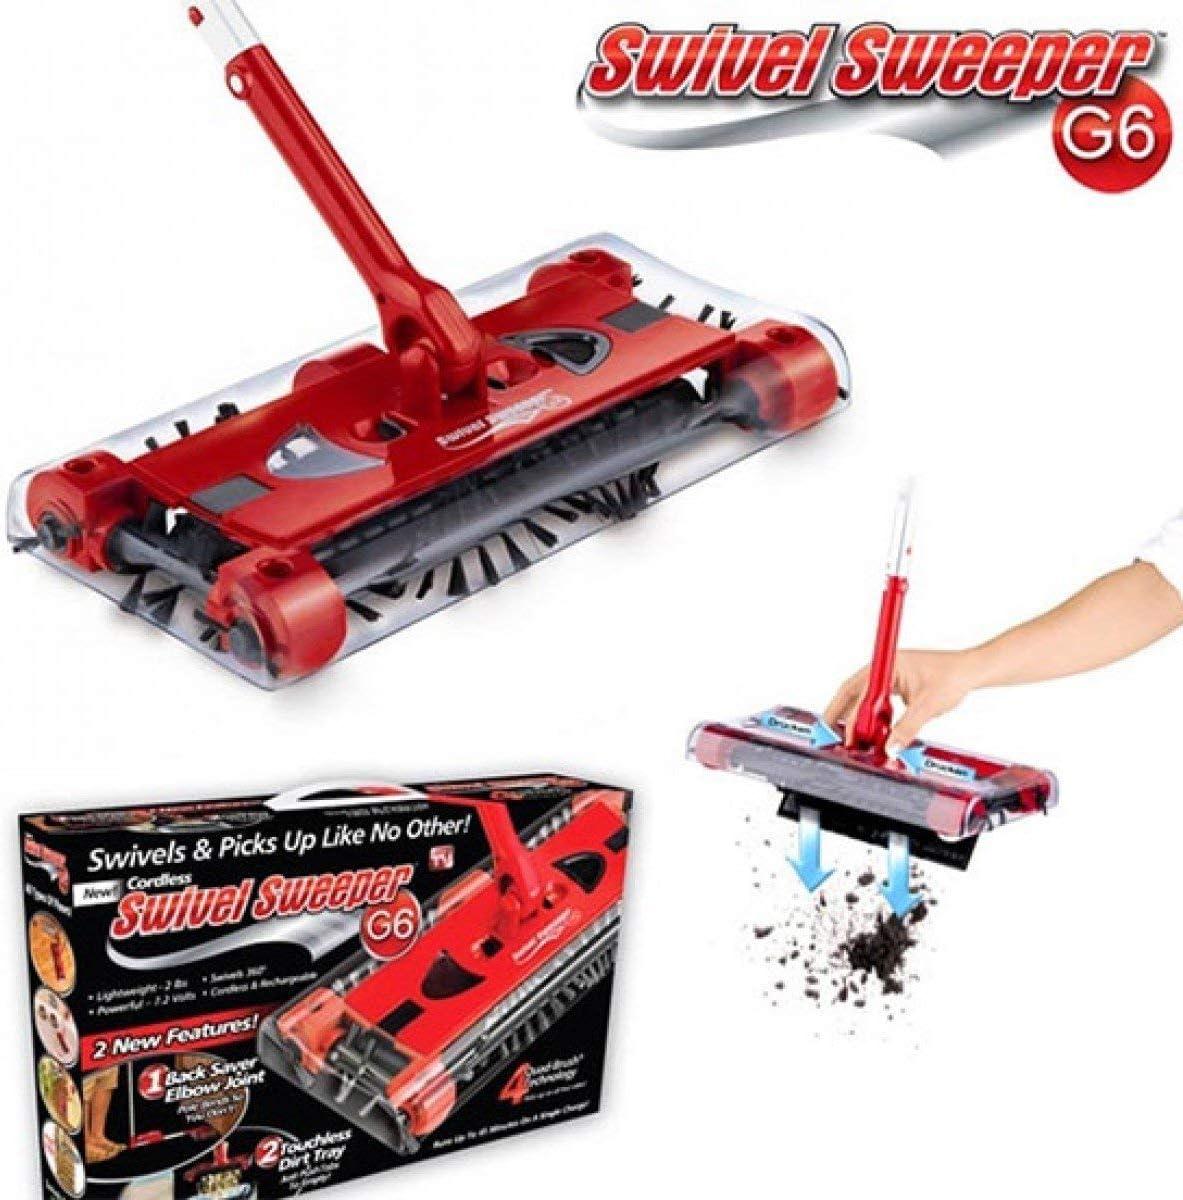 مكنسة (سويفل سويبر G6) - لاسلكية، قابلة للشحن لتنظيف الأرضيات